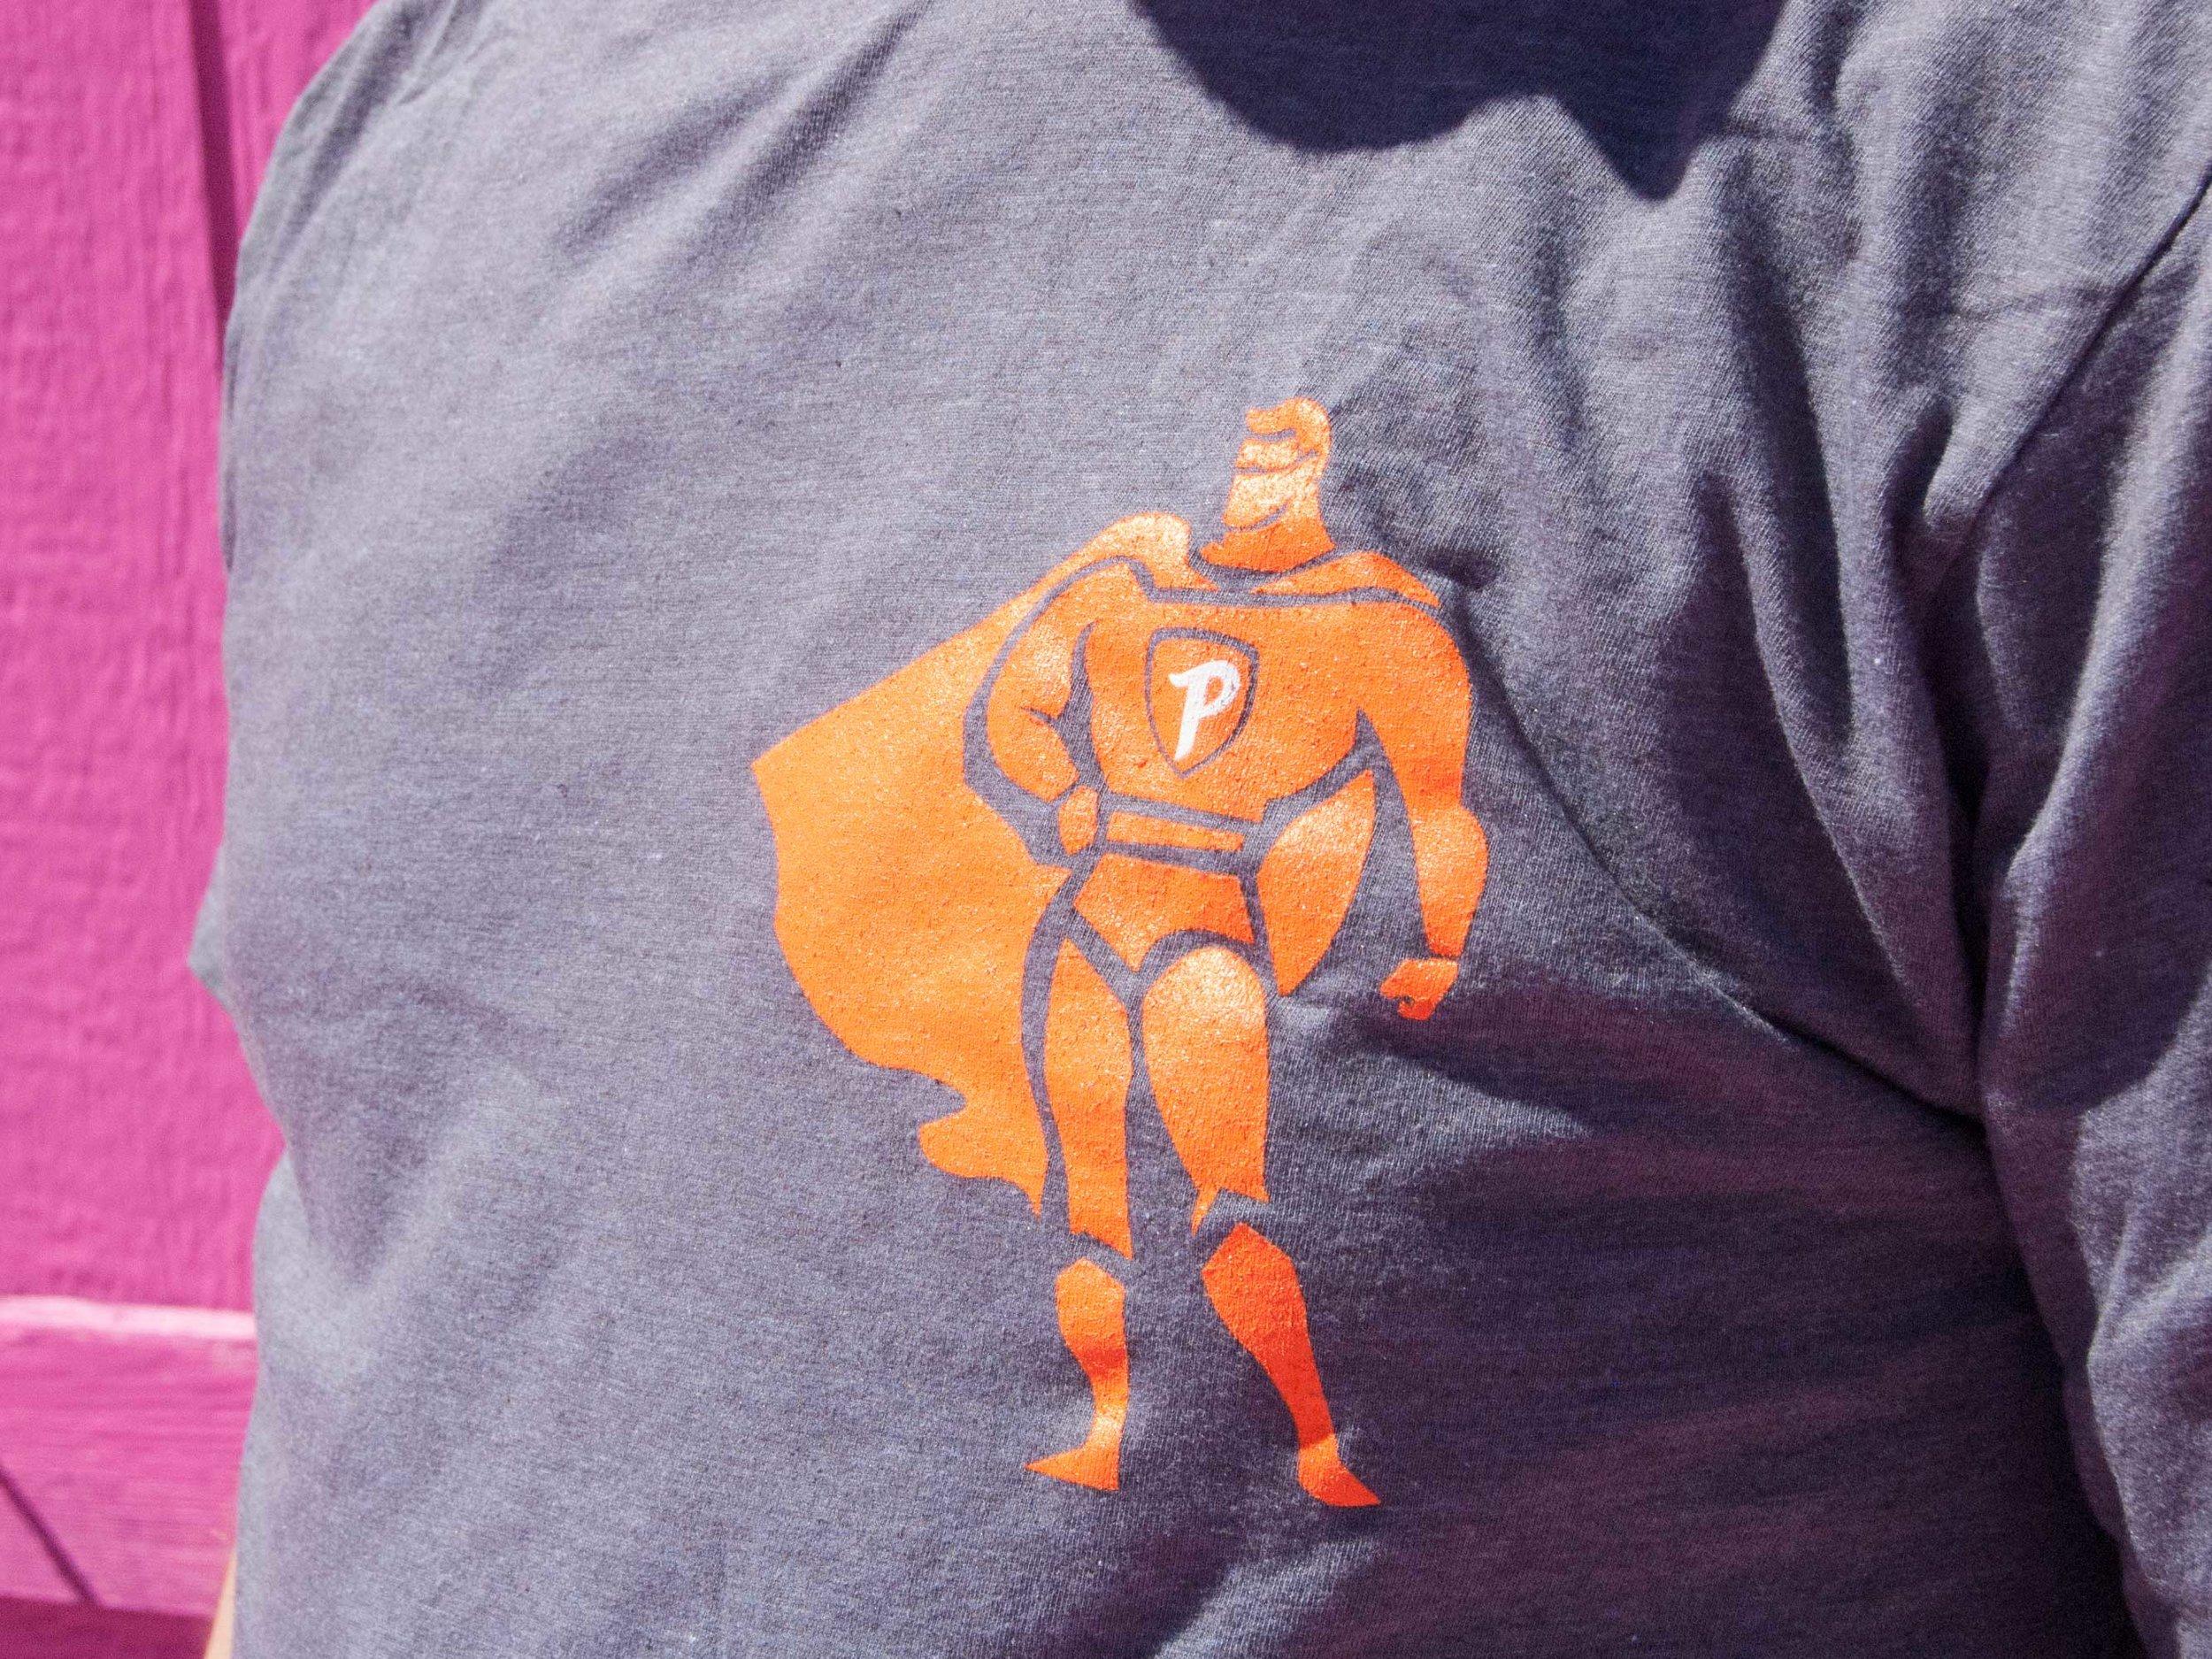 portfolio-puesto-promo-hero_shirt-4x3-DSC_0074.jpg